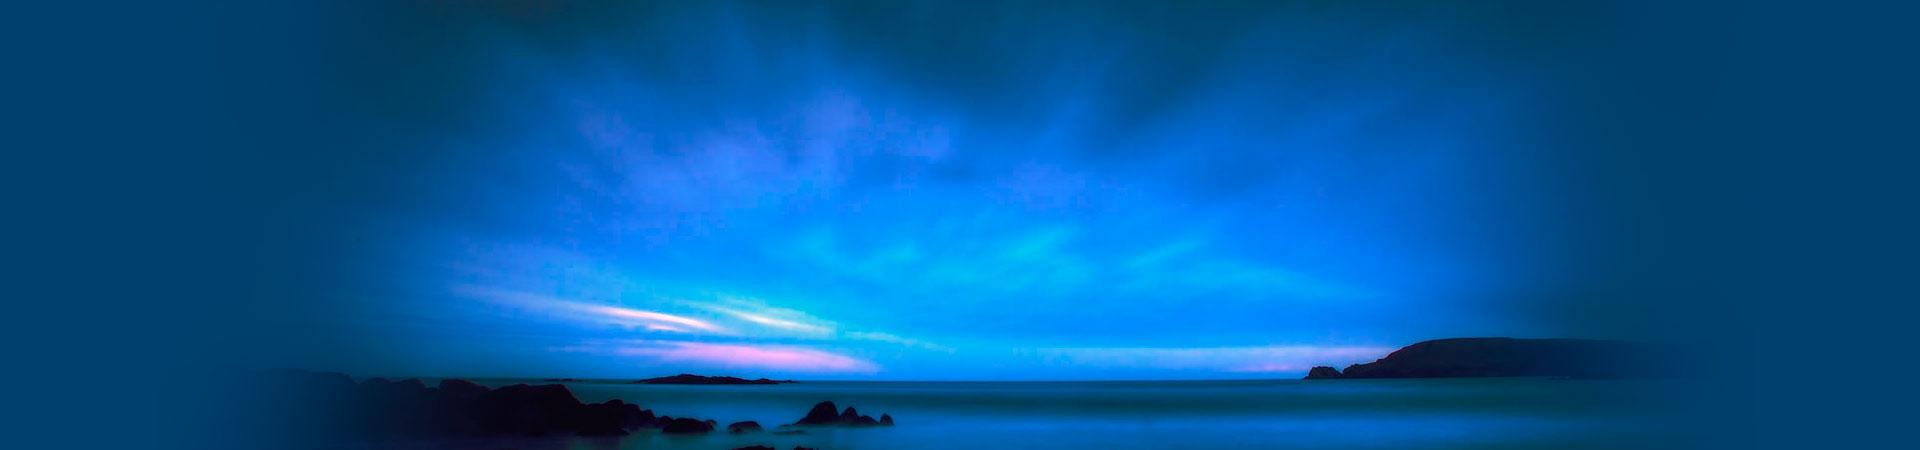 slider45-cielo-azul-op